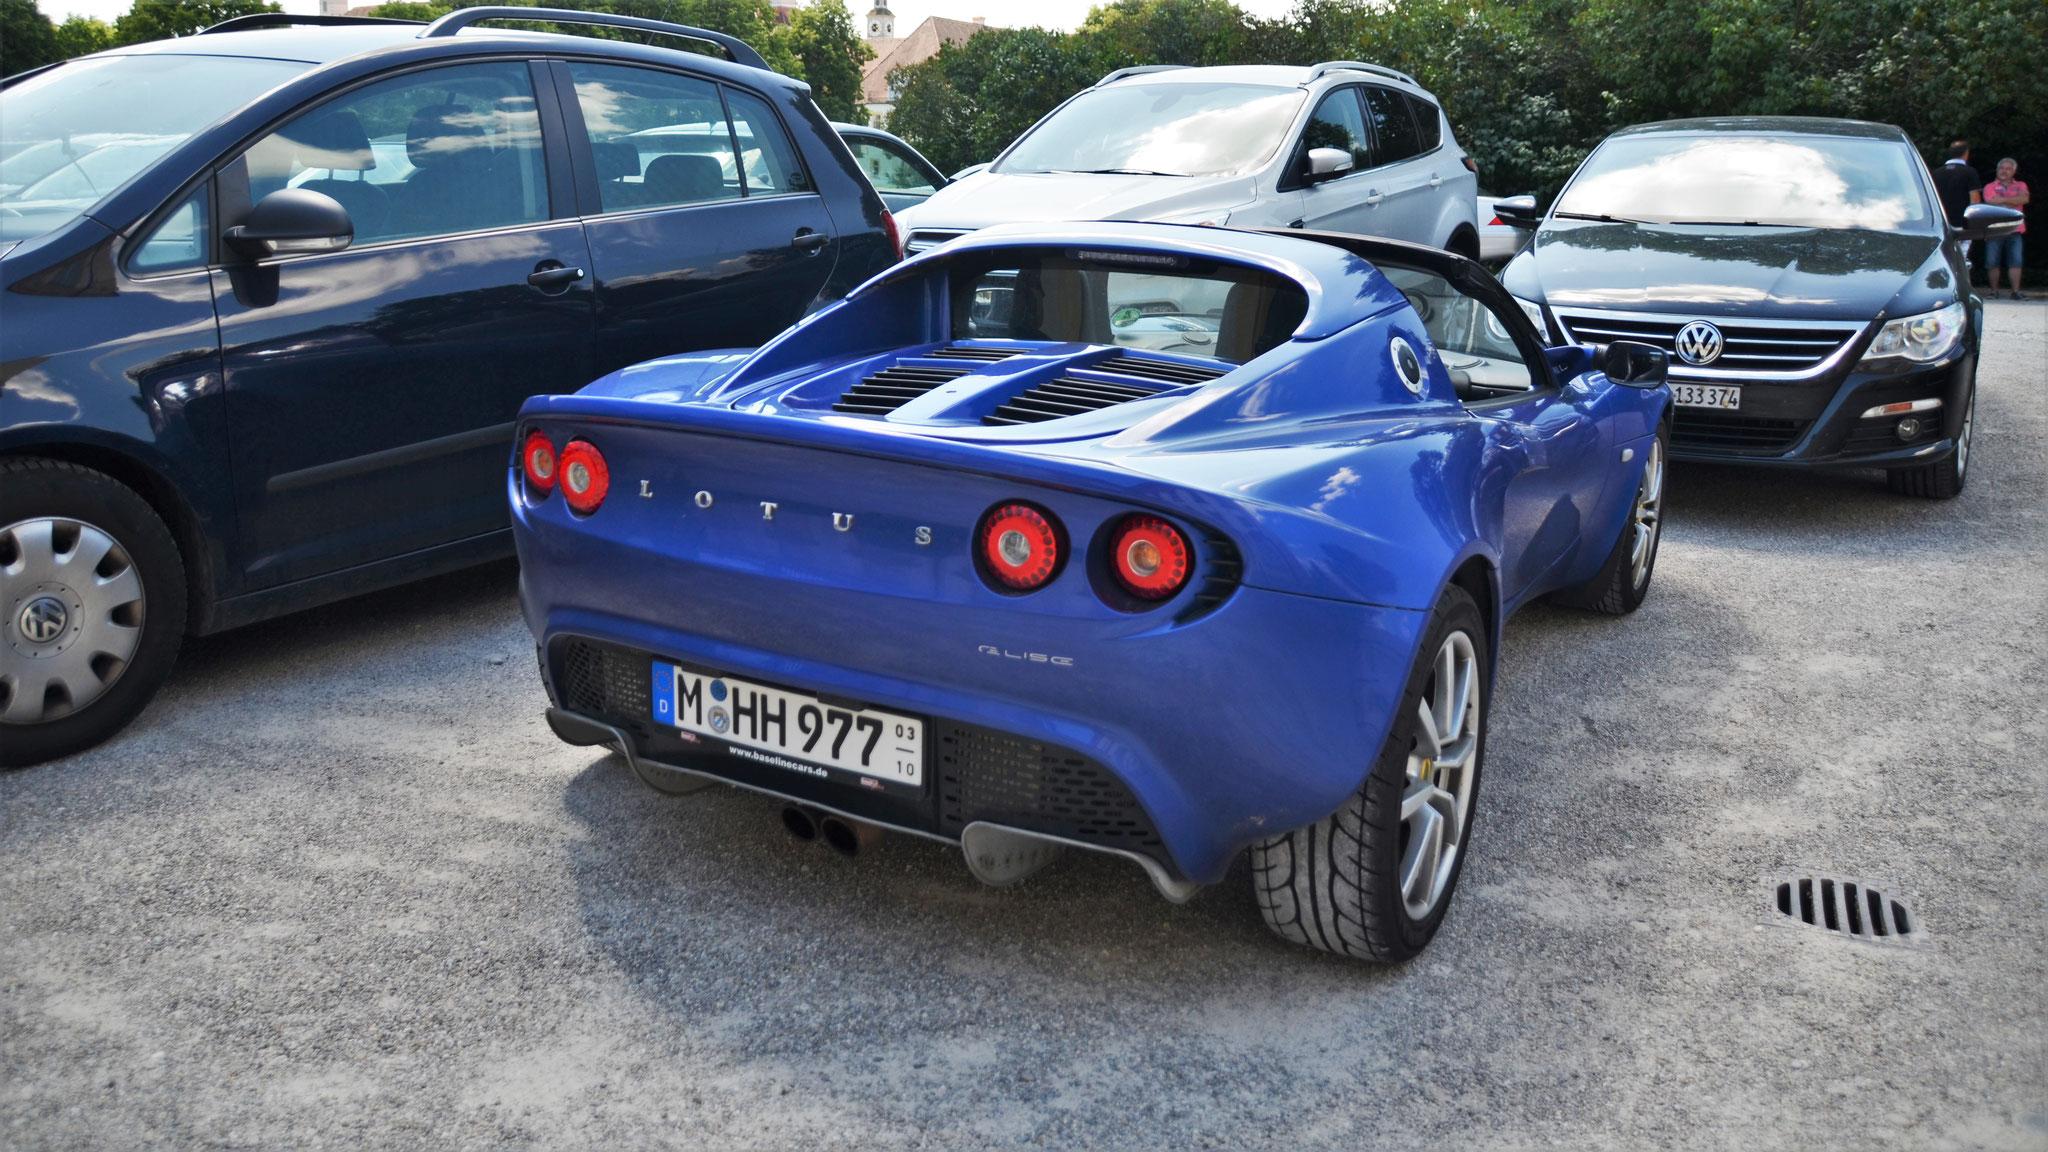 Lotus Elise S2 - M-HH-977